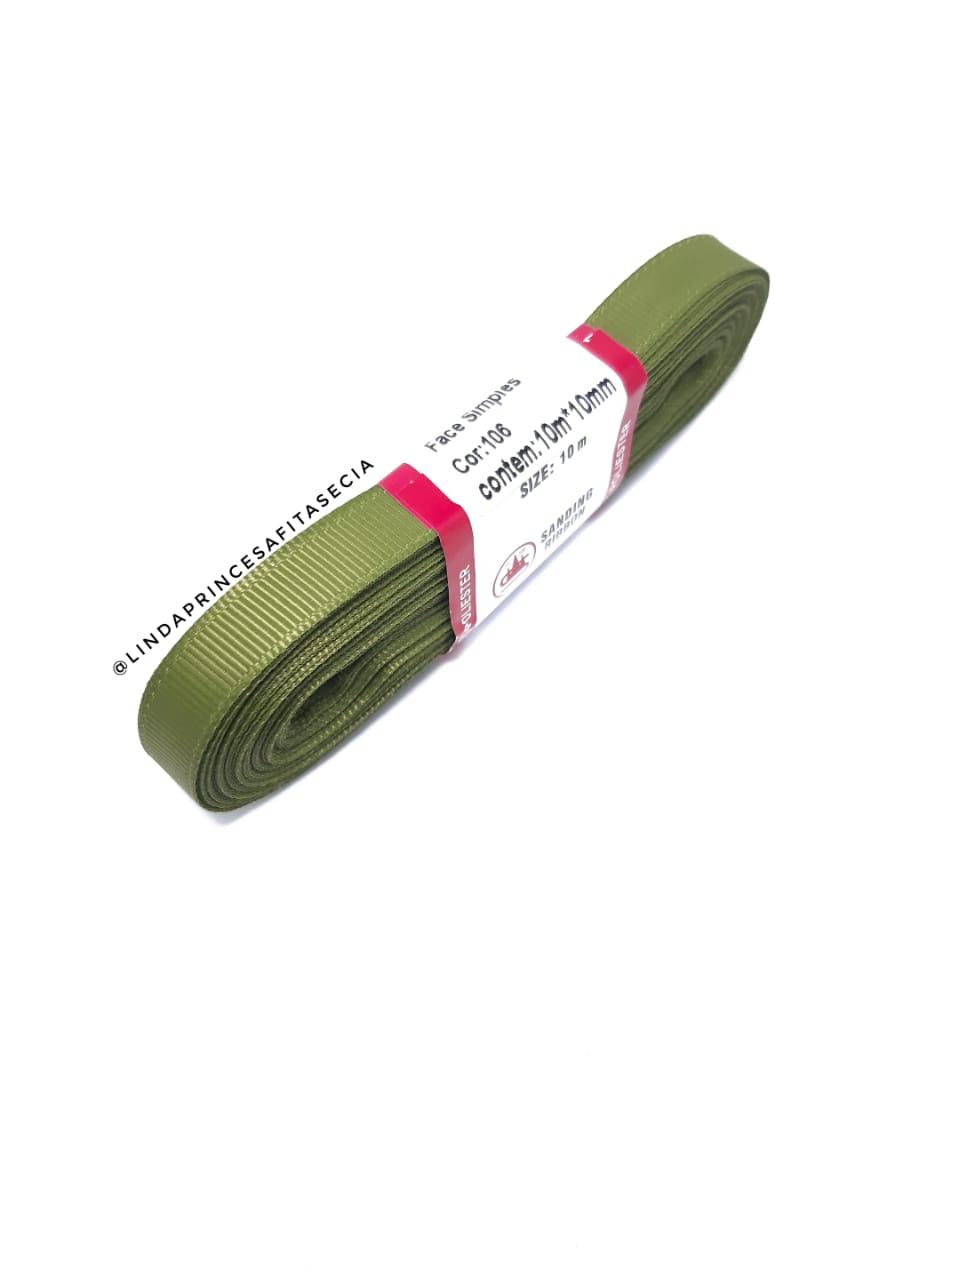 FITA SANDING 10 mm  - Cor: 106 Verde Oliva.